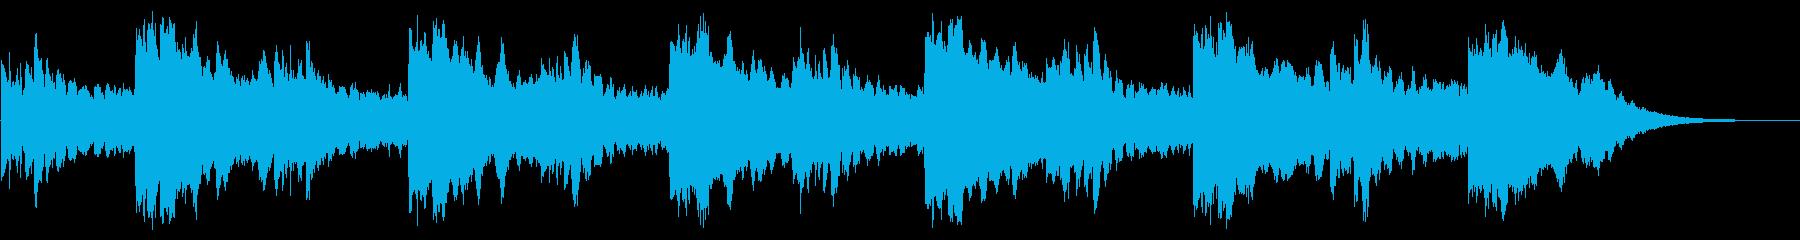 生ピアノによる切ない系サウンドの再生済みの波形